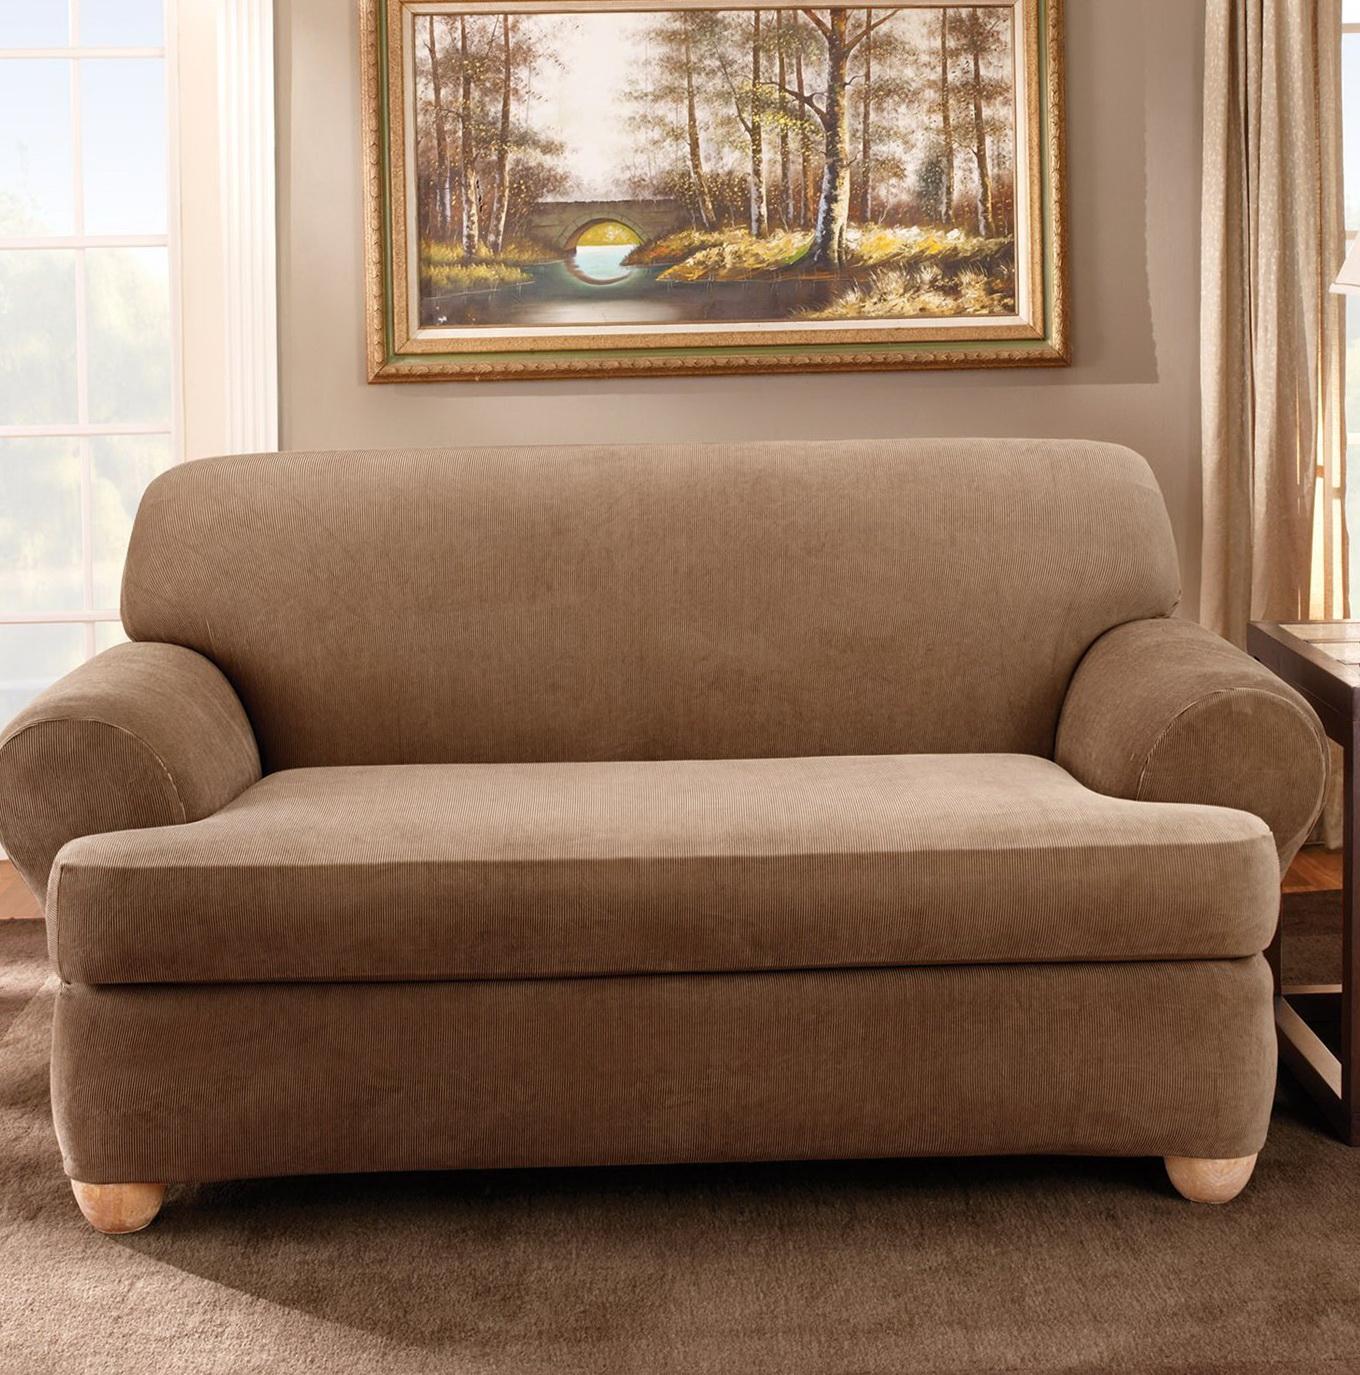 T Cushion Slipcover Chair